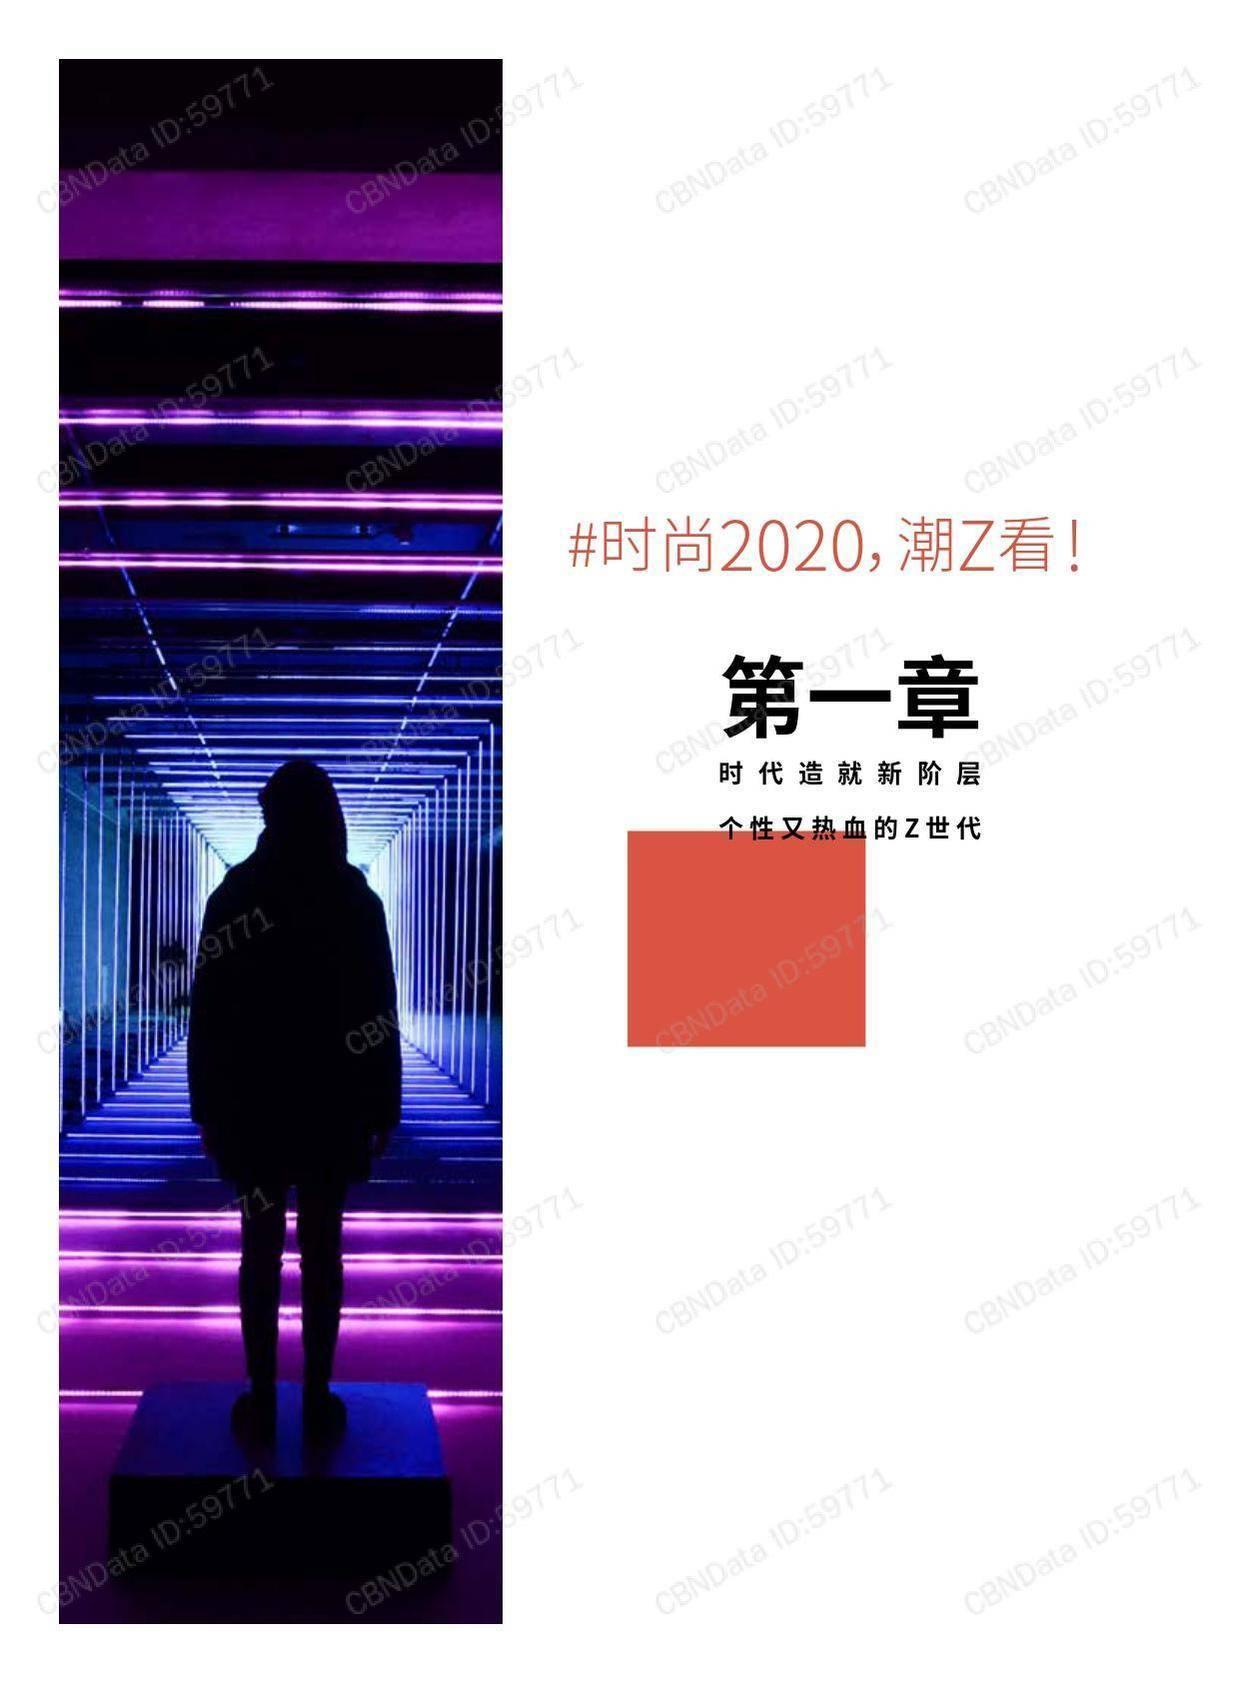 华扬联众:2020年Z世代时尚消费洞察报告